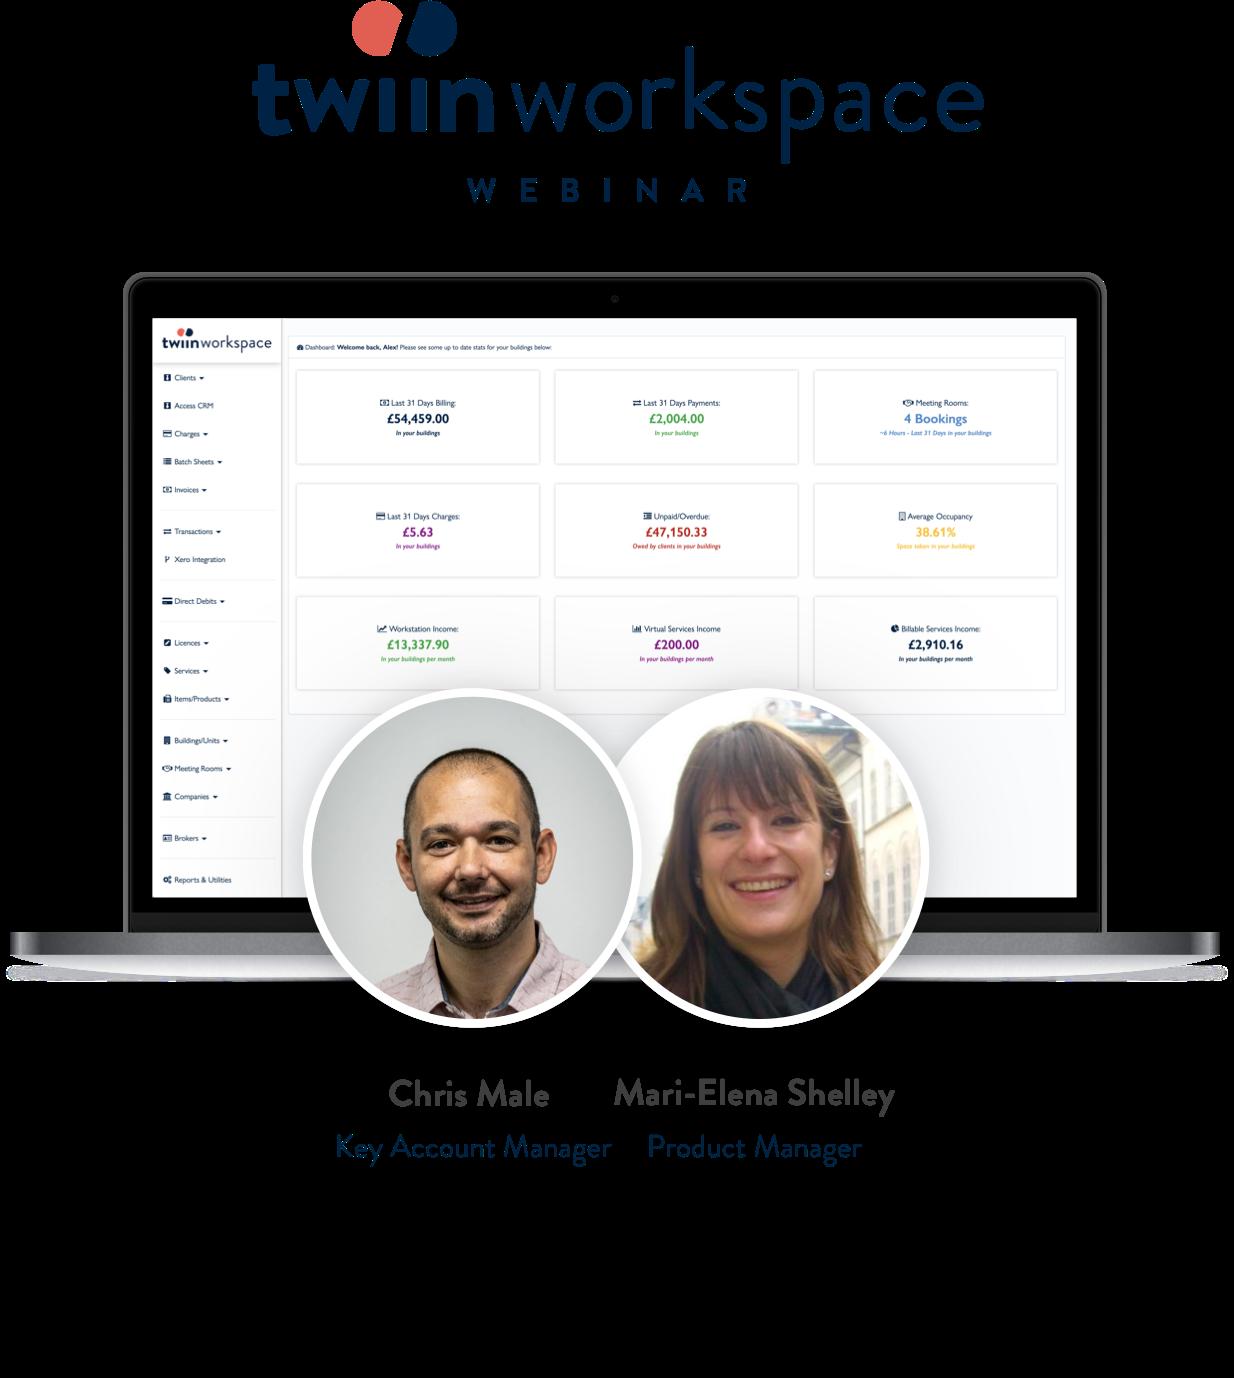 twiinworkspace webinar